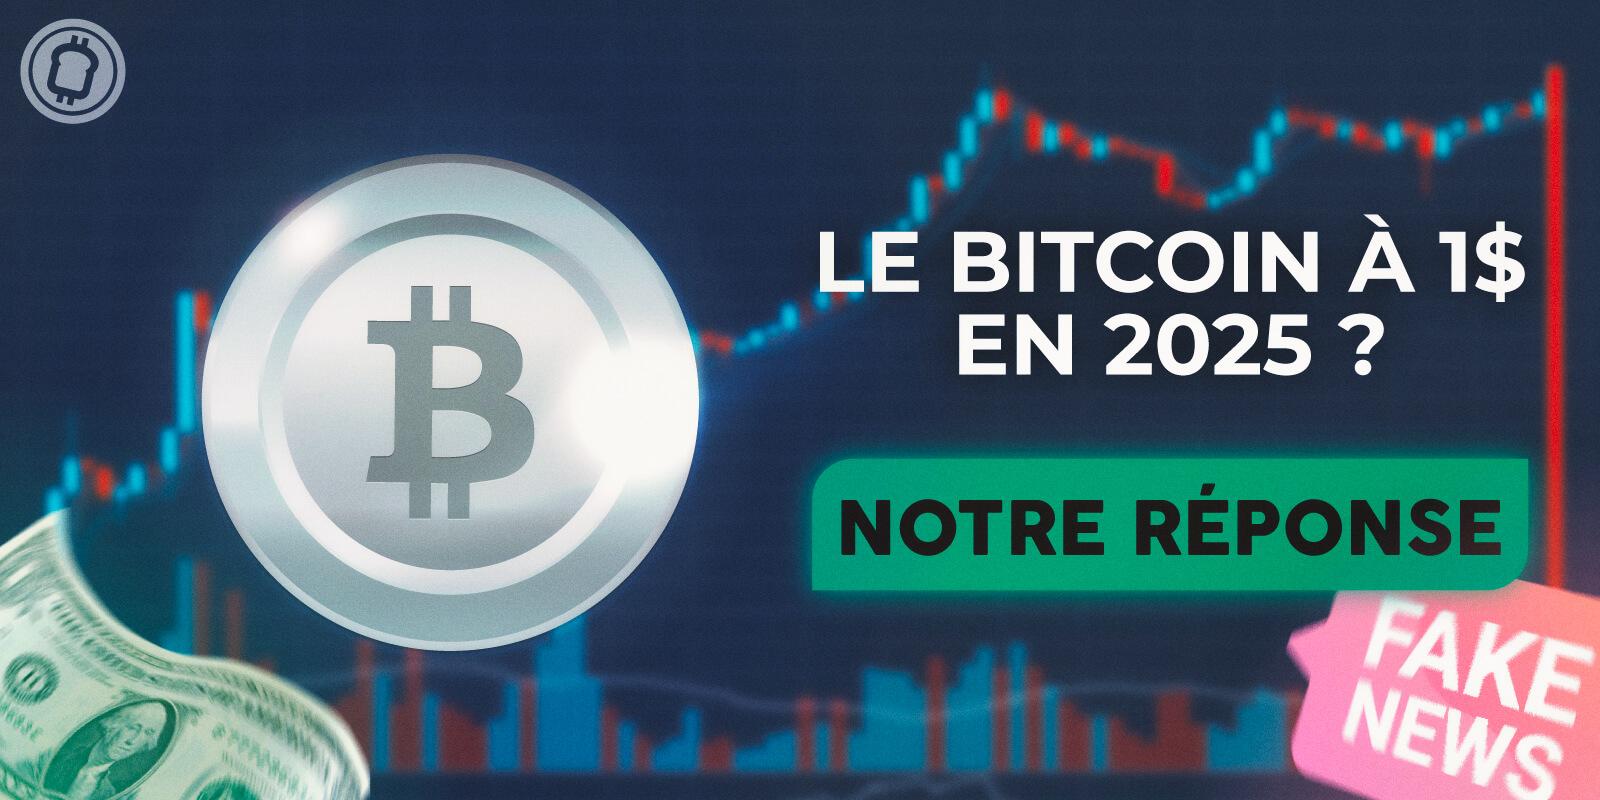 Décryptage - Non, le Bitcoin (BTC) ne sera pas sous le dollar en 2025